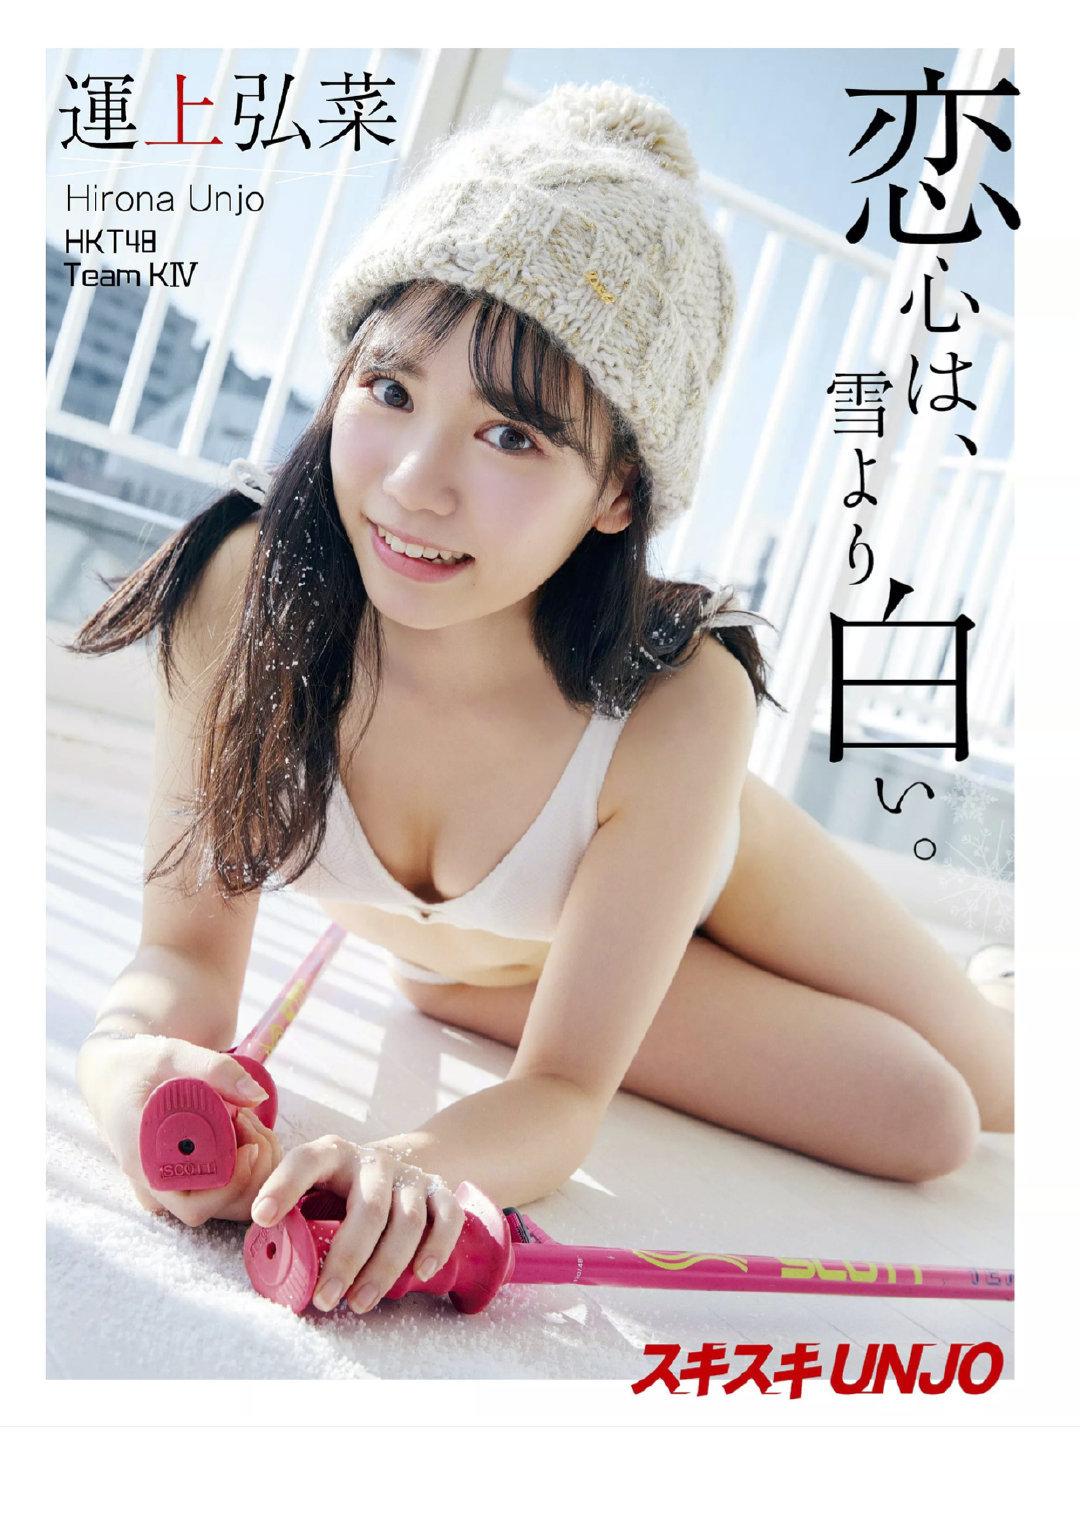 運上弘菜    Platinum FLASH 2019.1月期   Vol.8 - 亞洲美女 -